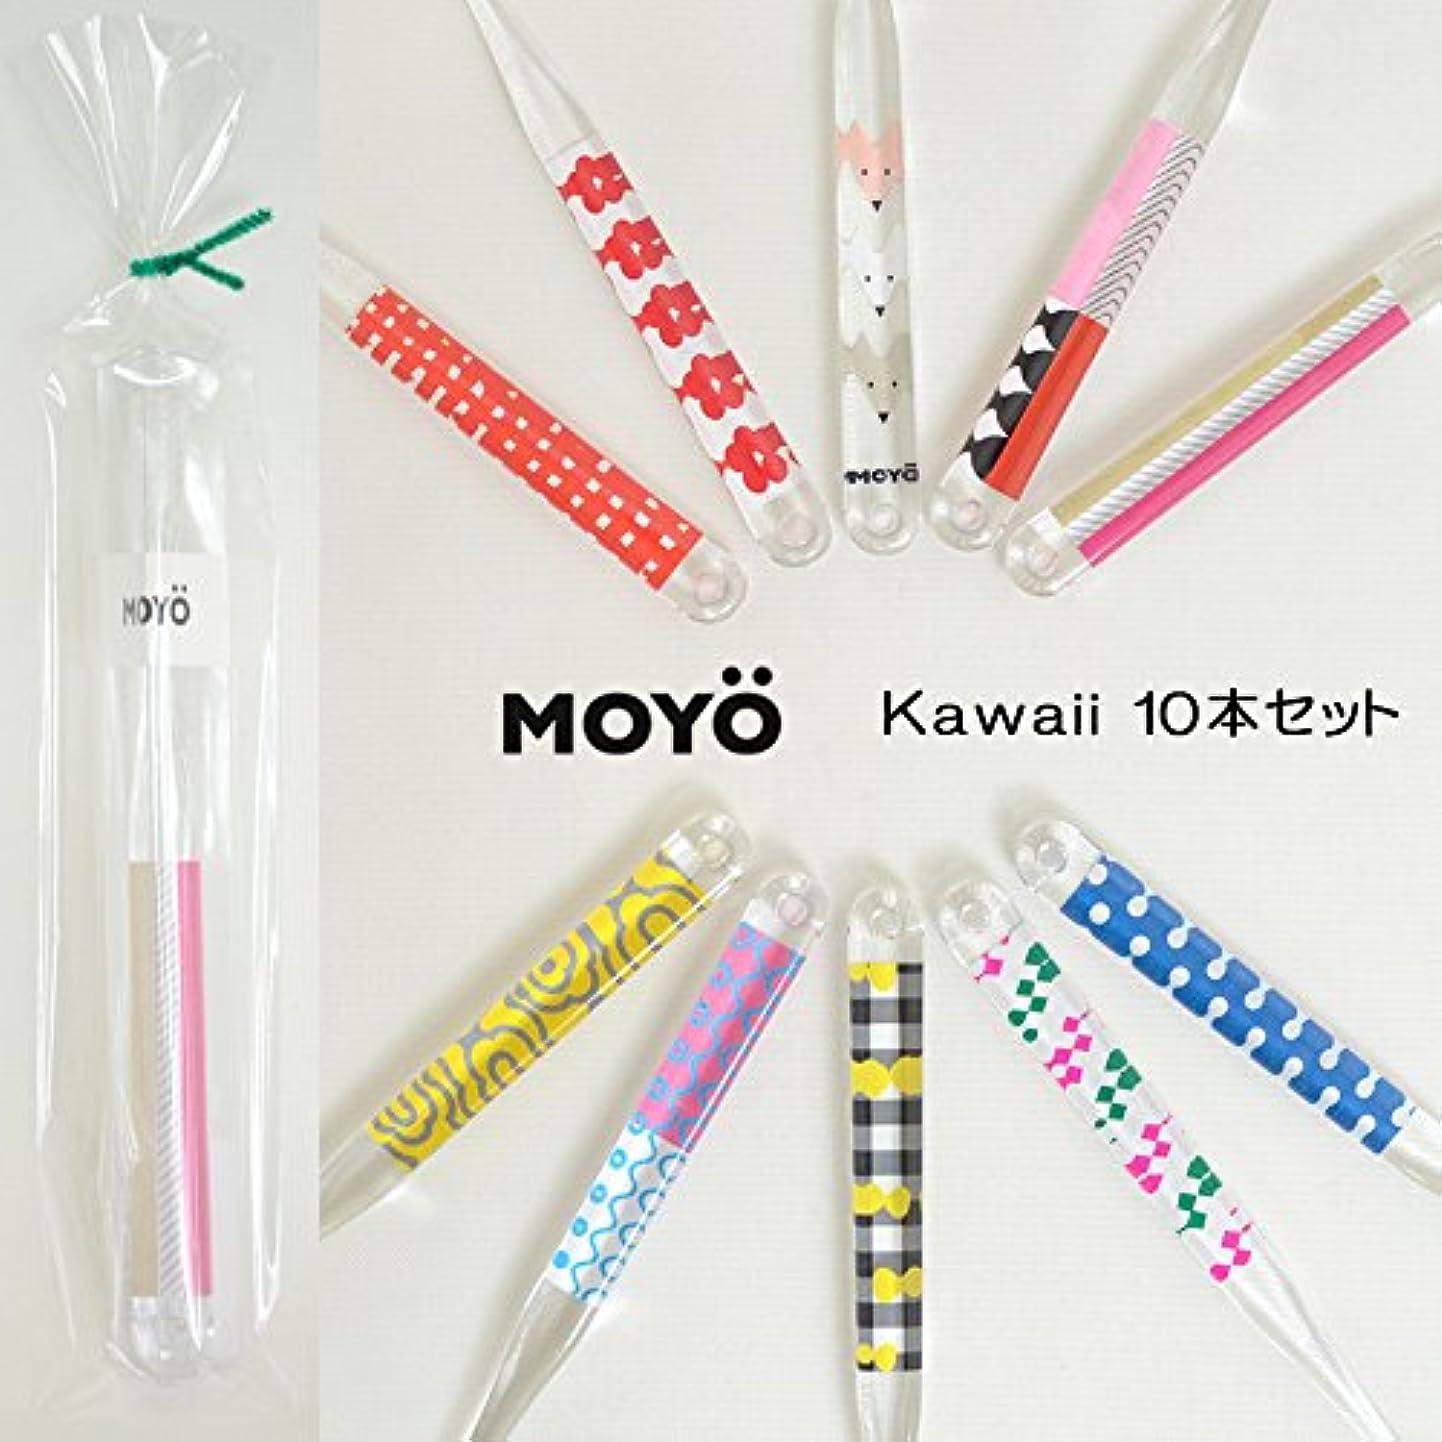 簡単ににはまって期待MOYO モヨウ kawaii10本 プチ ギフト セット_562302-kawaii2 【F】,kawaii10本セット